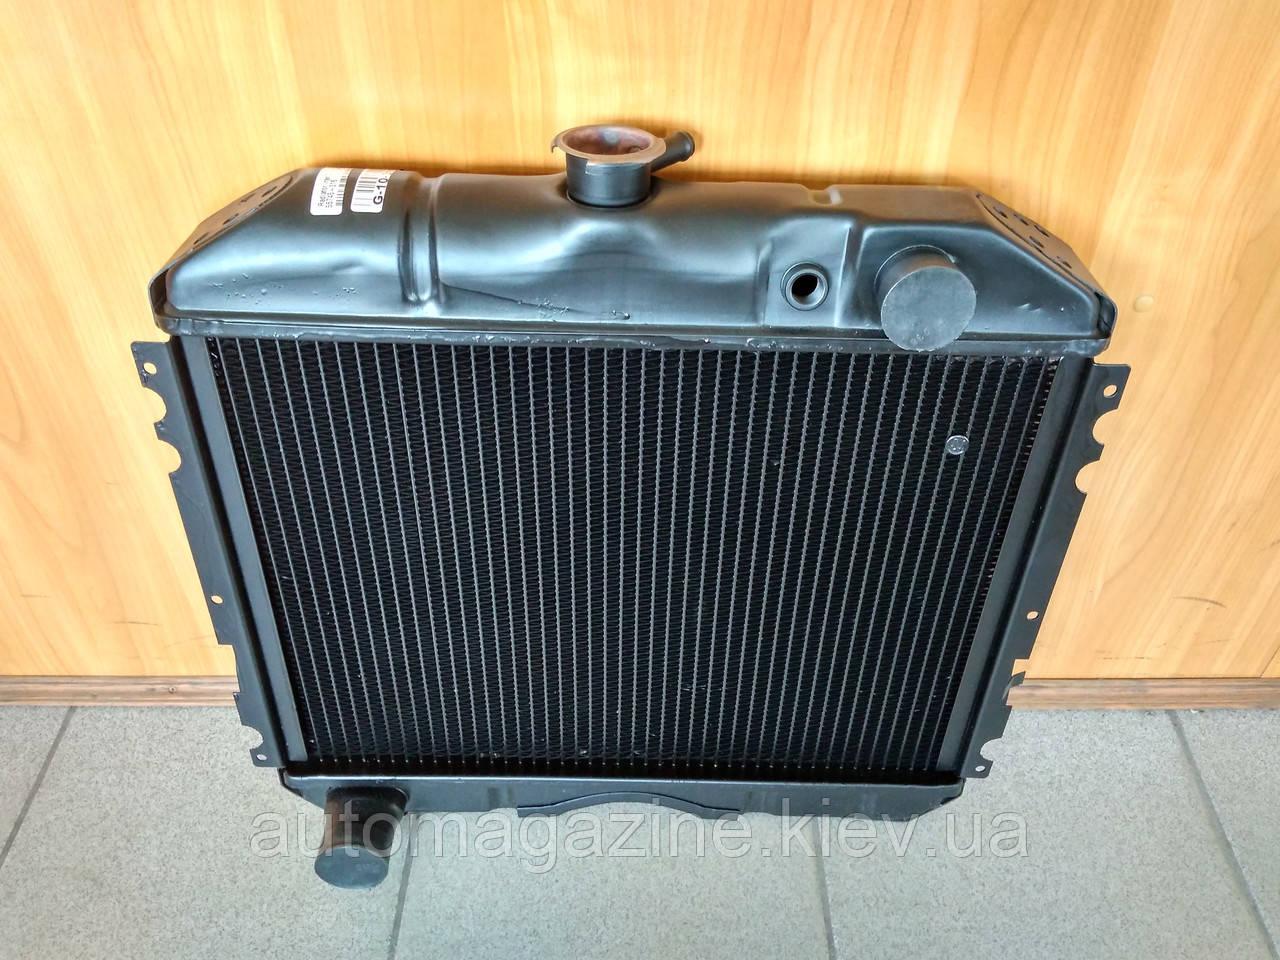 Радиатор охлаждения медный ГАЗ 2410, РАФ (2-х рядный)